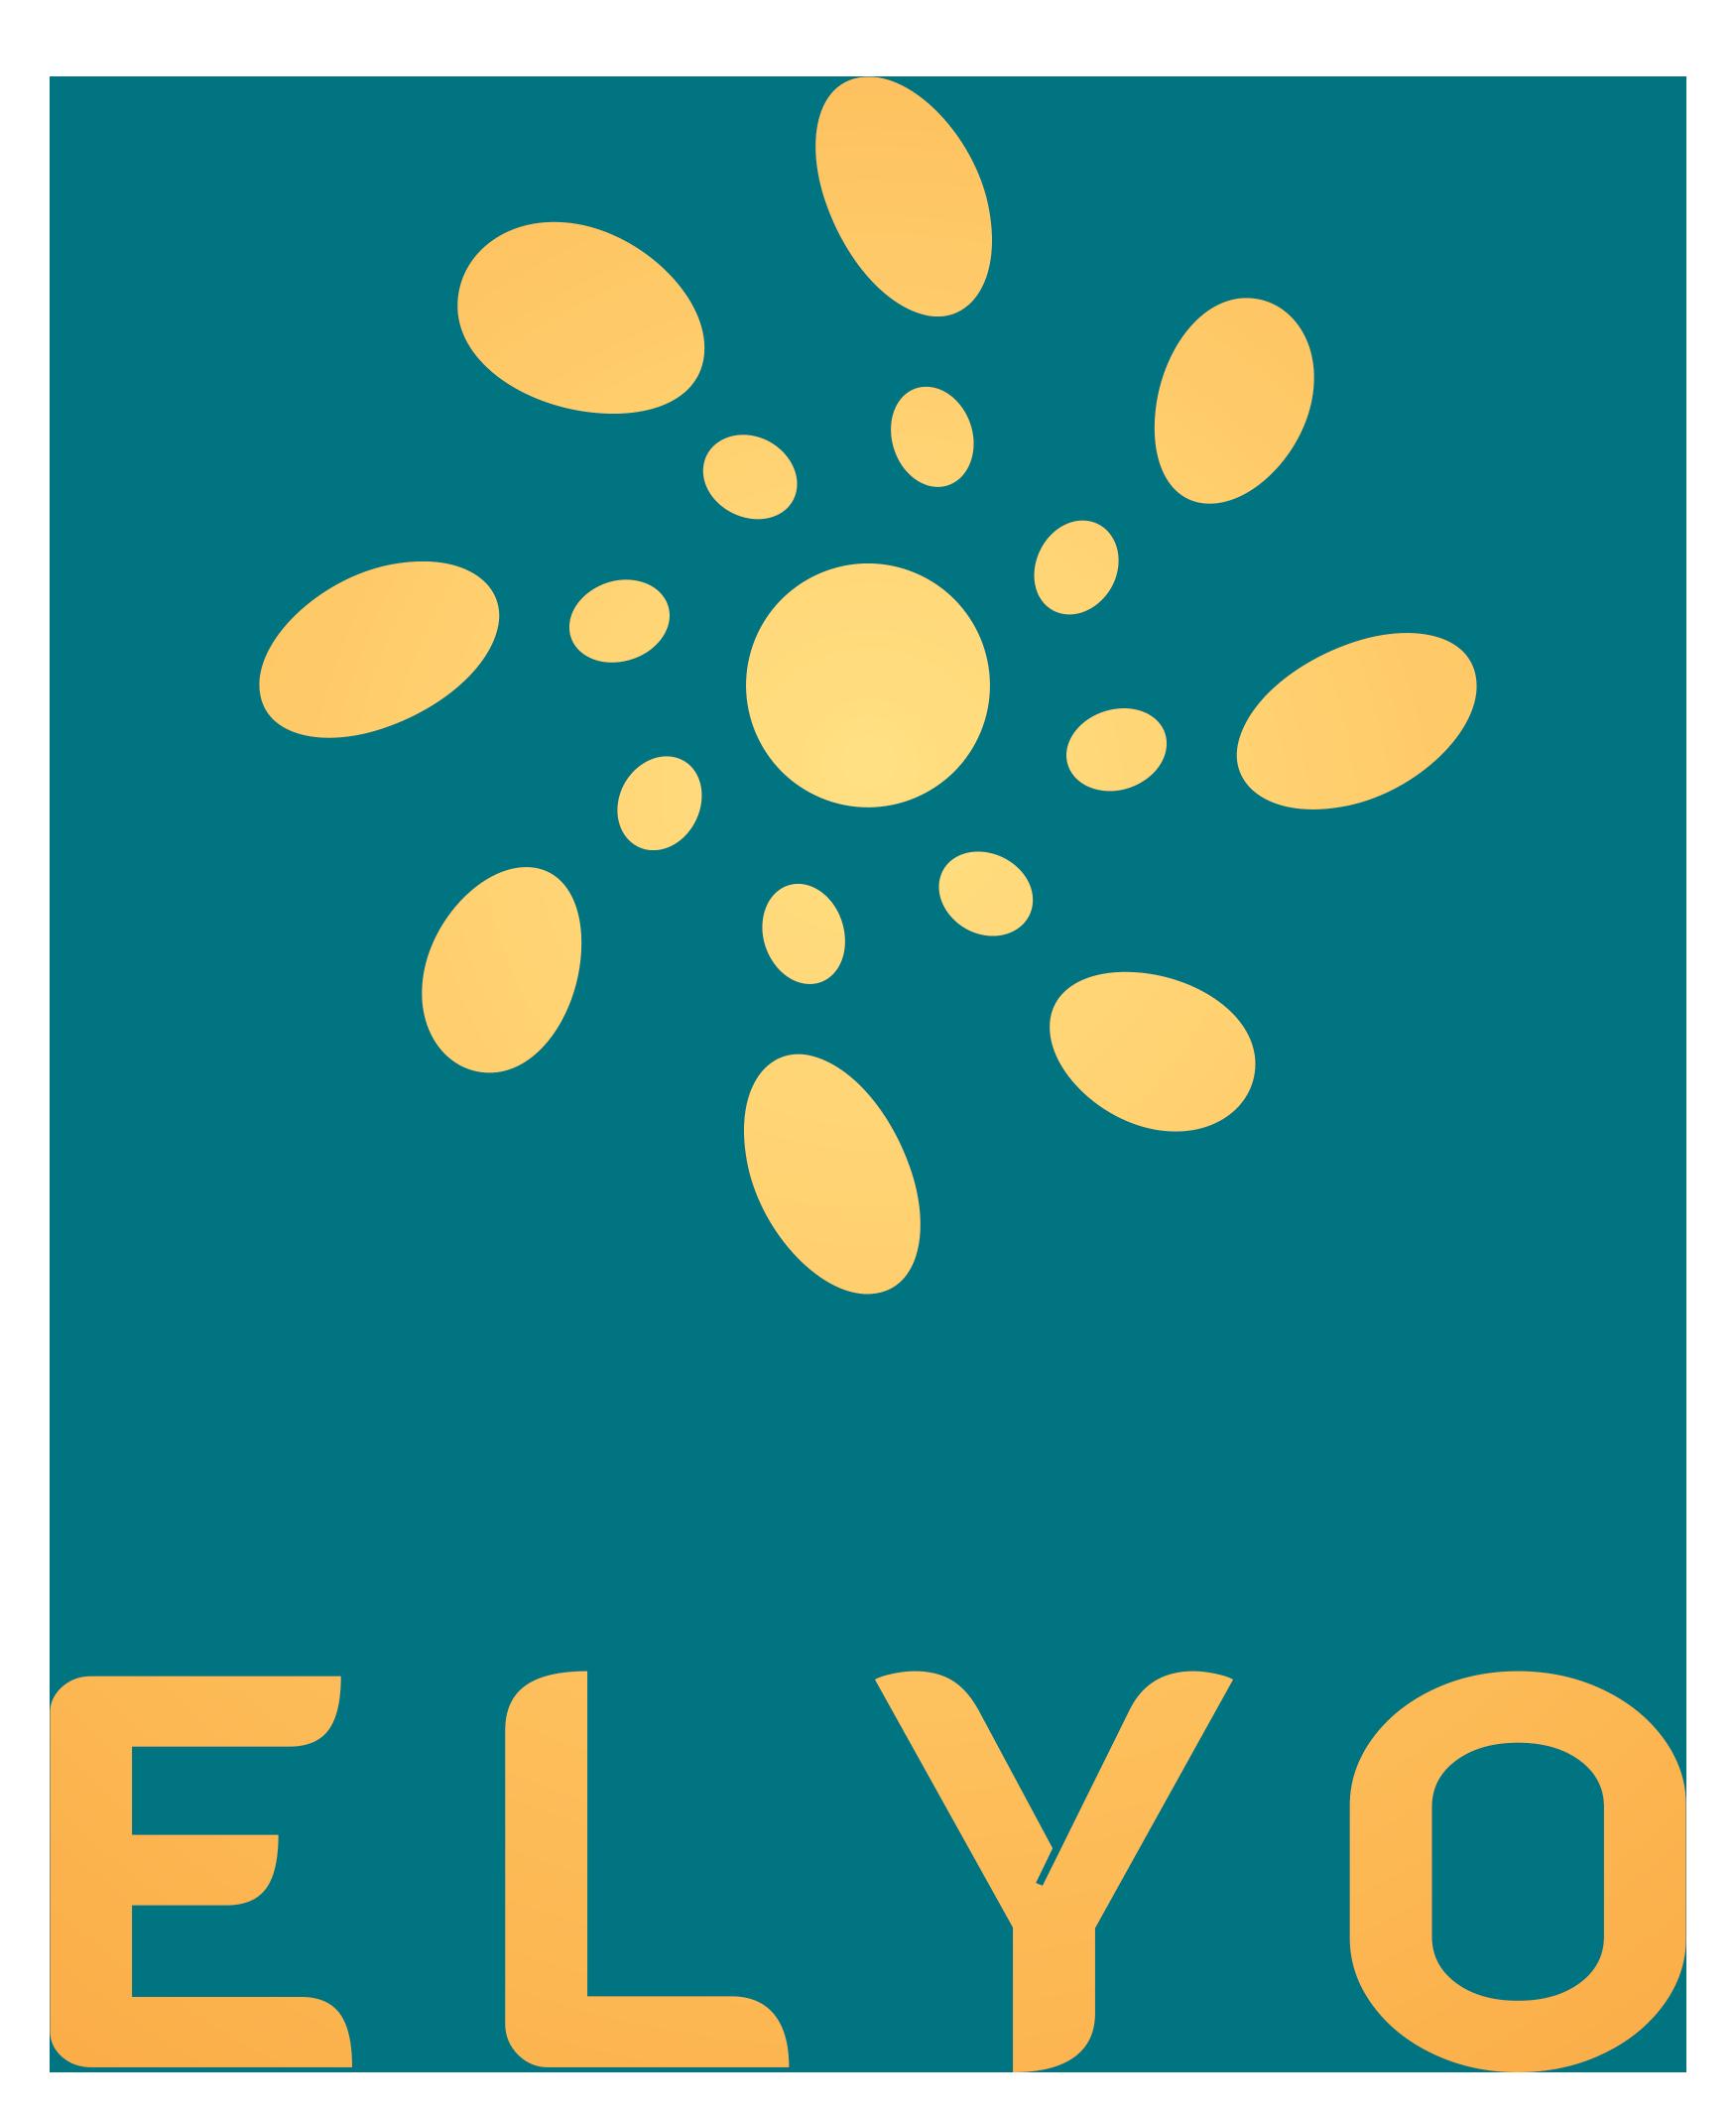 elyo_logo_gradiente